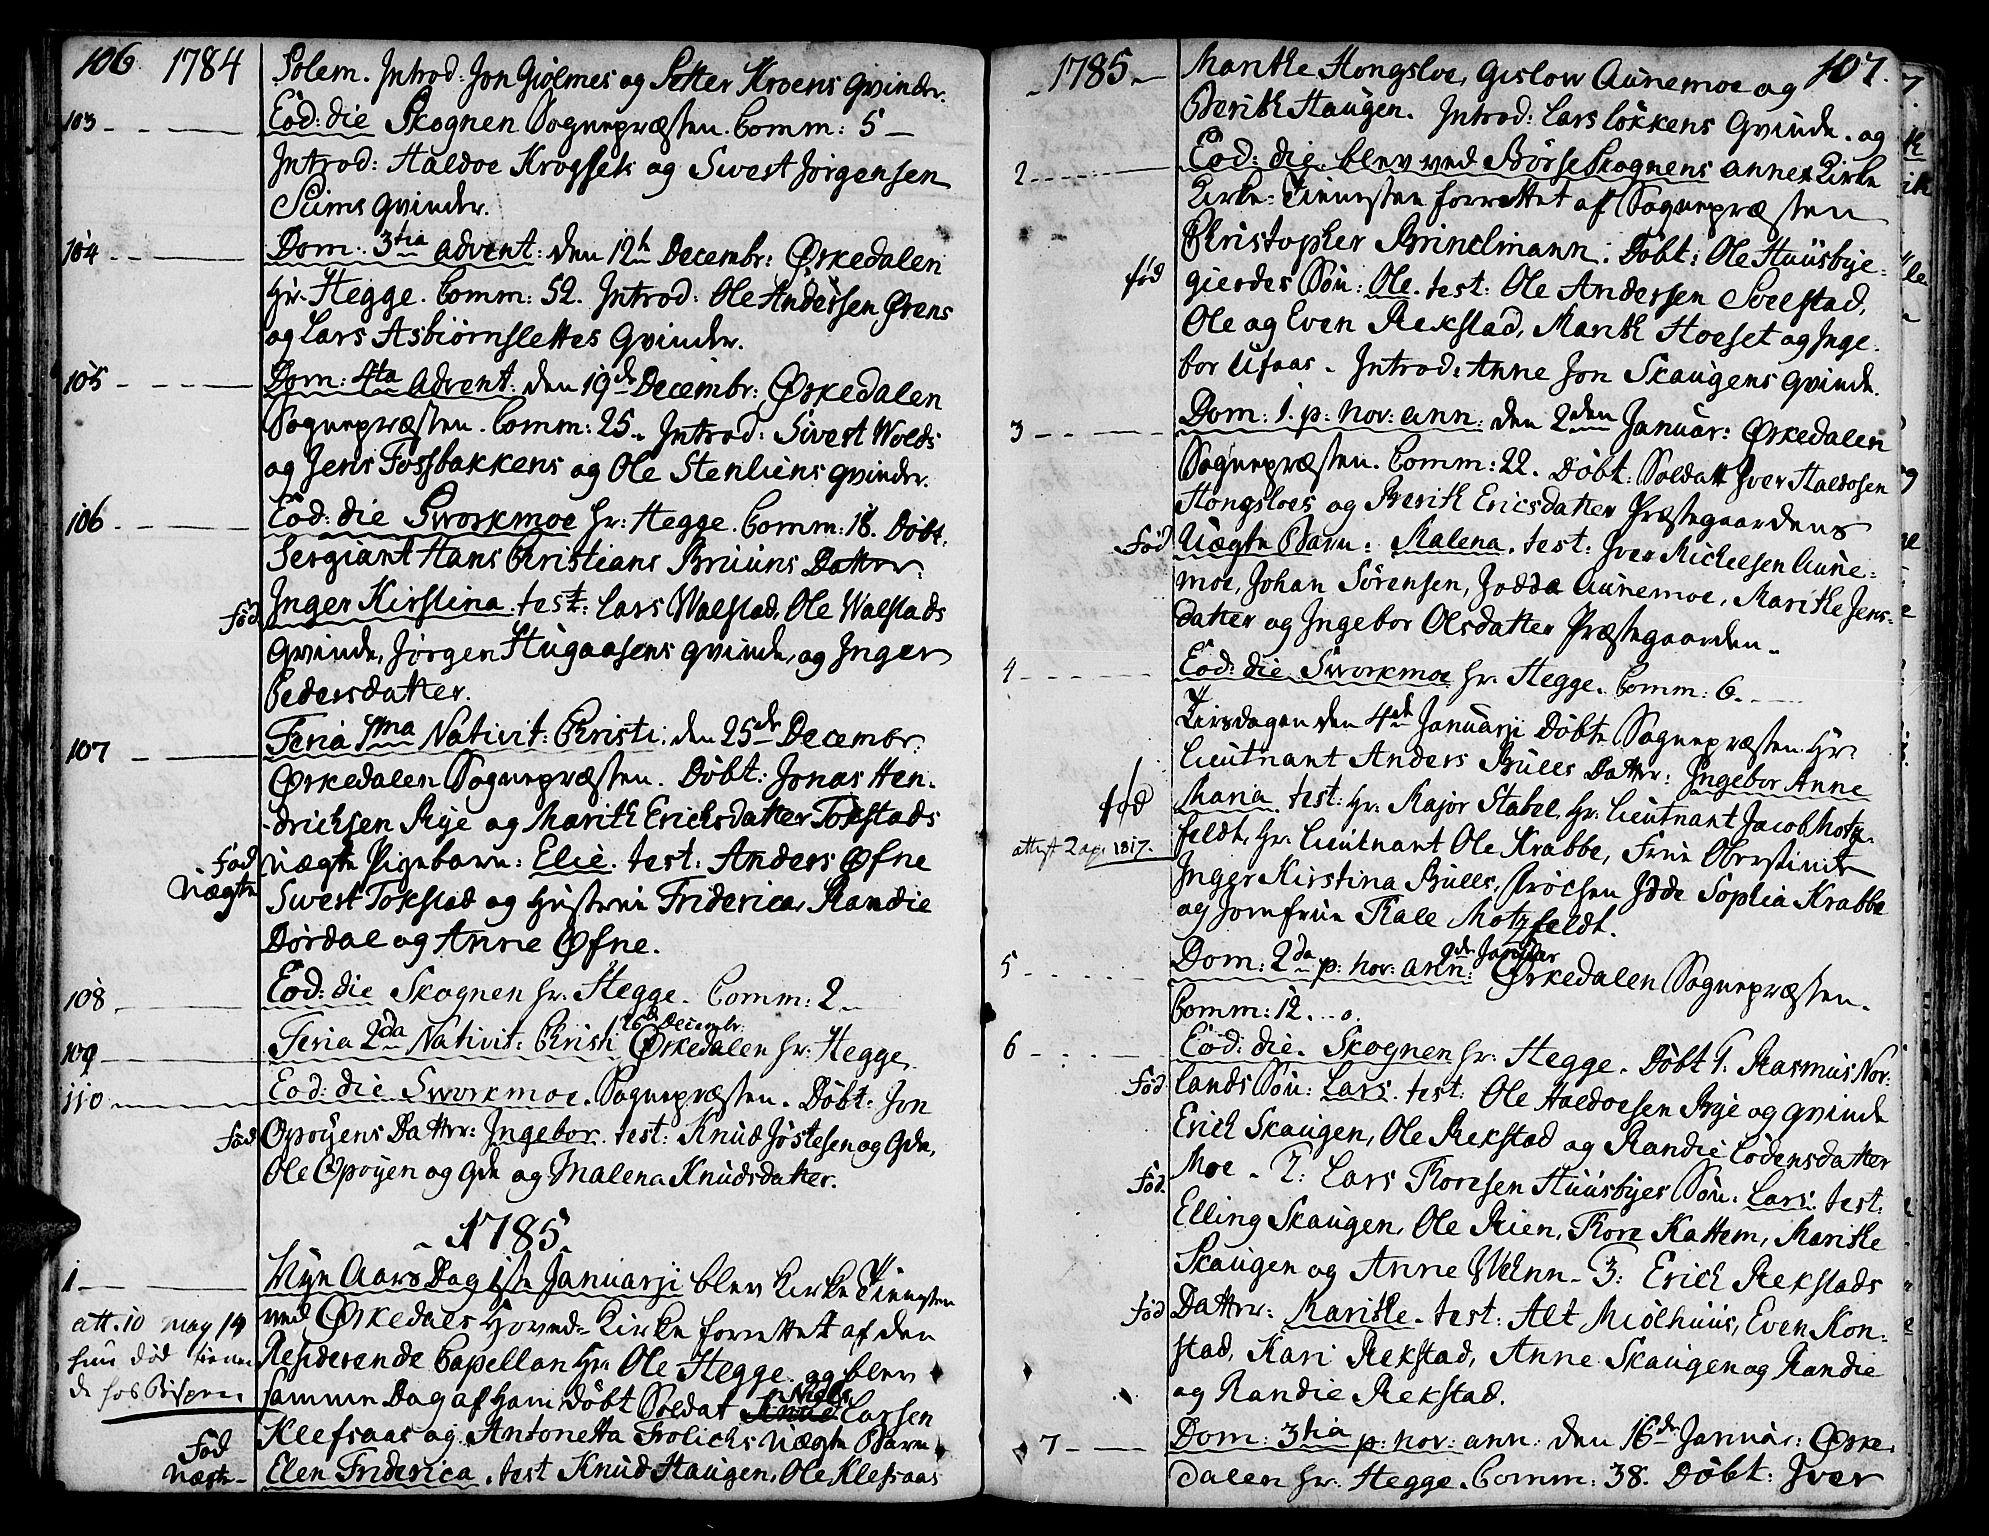 SAT, Ministerialprotokoller, klokkerbøker og fødselsregistre - Sør-Trøndelag, 668/L0802: Ministerialbok nr. 668A02, 1776-1799, s. 106-107